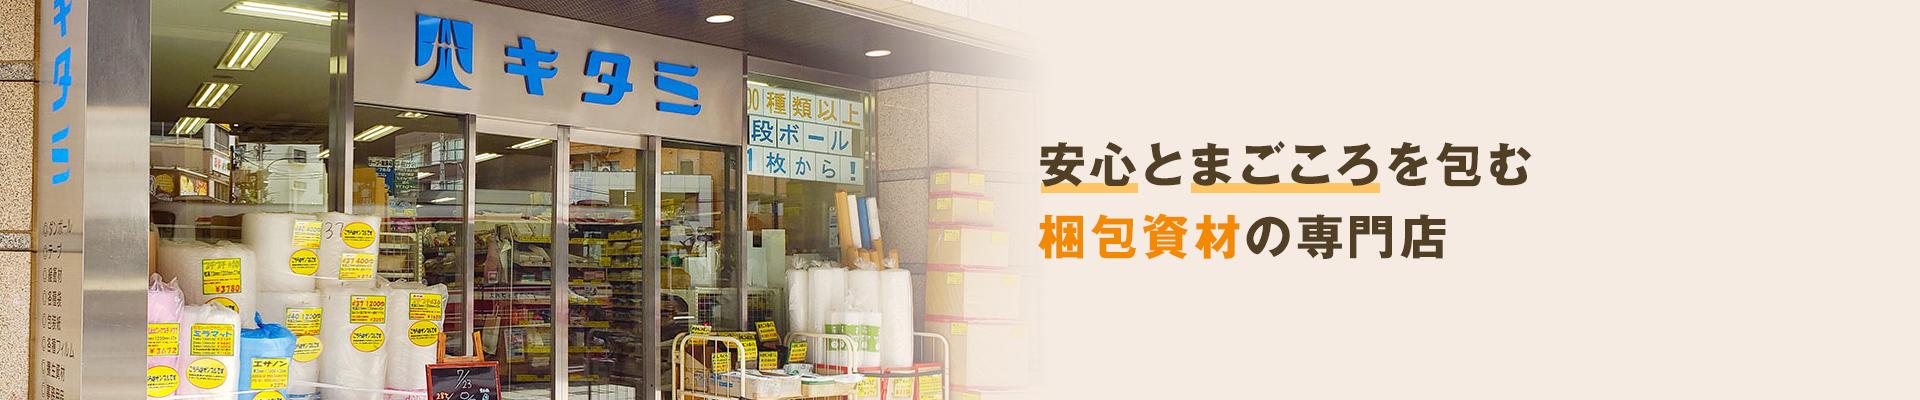 安心とまごころを包む包装資材の専門店